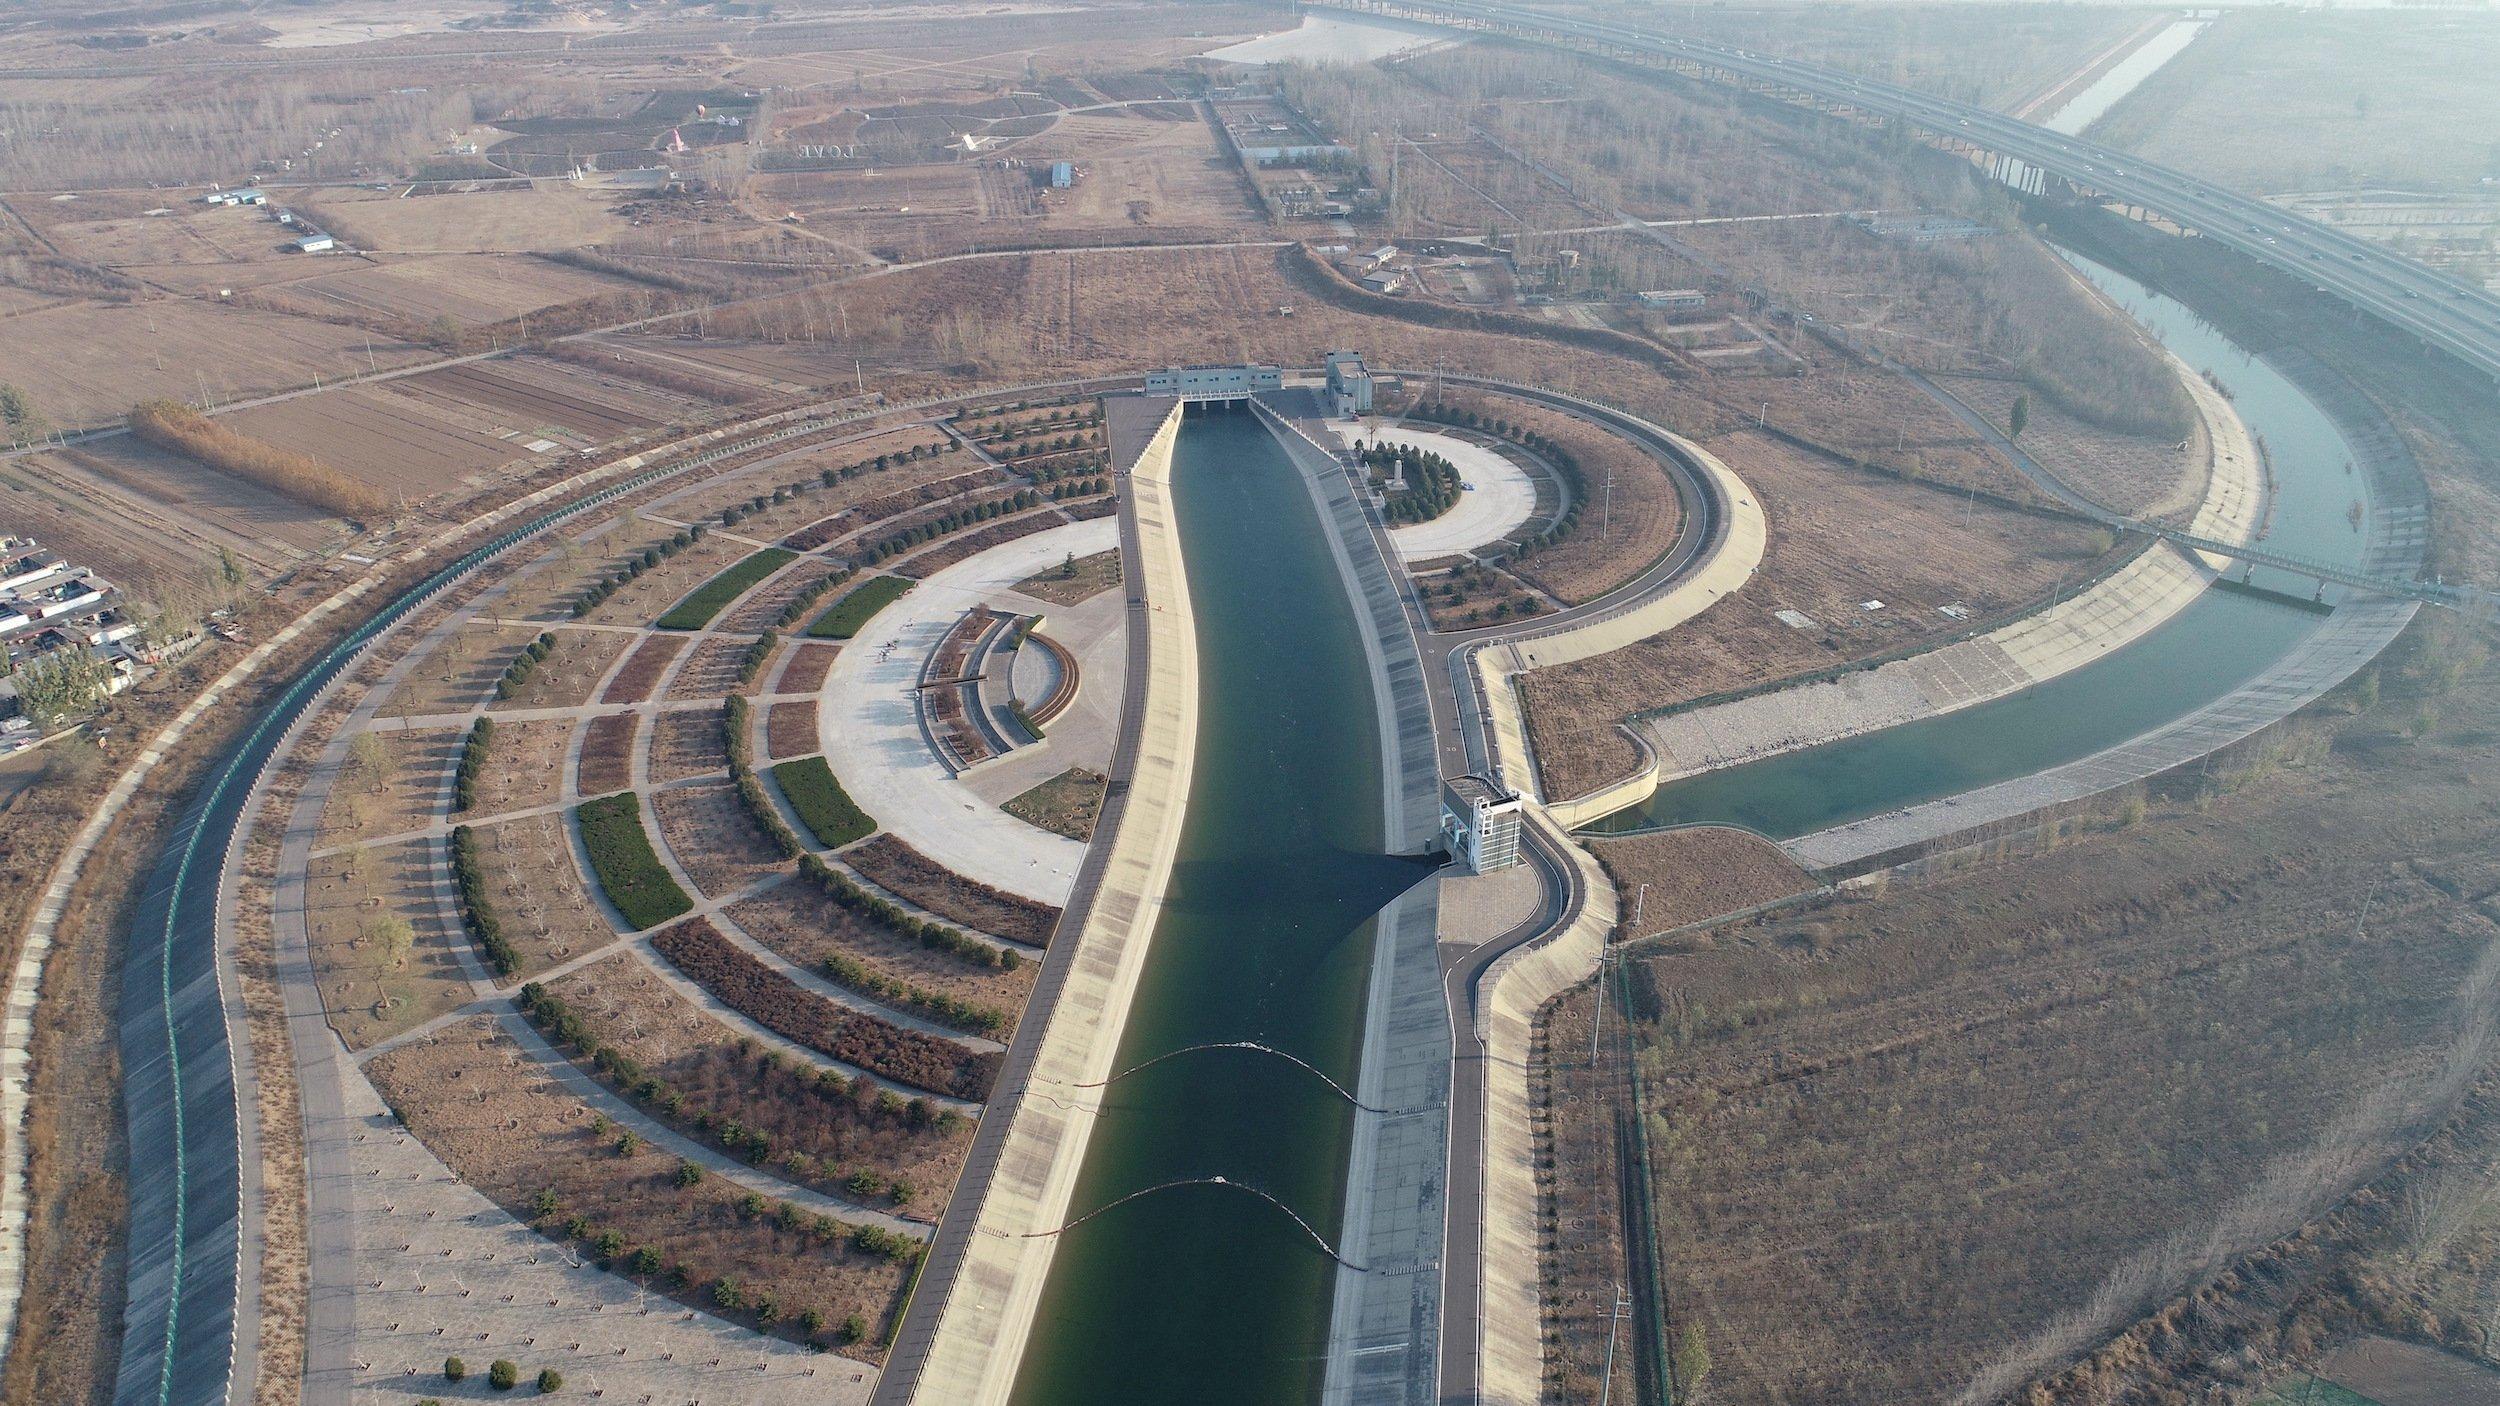 Ein Kanal, der in einem Hügel verschwindet.